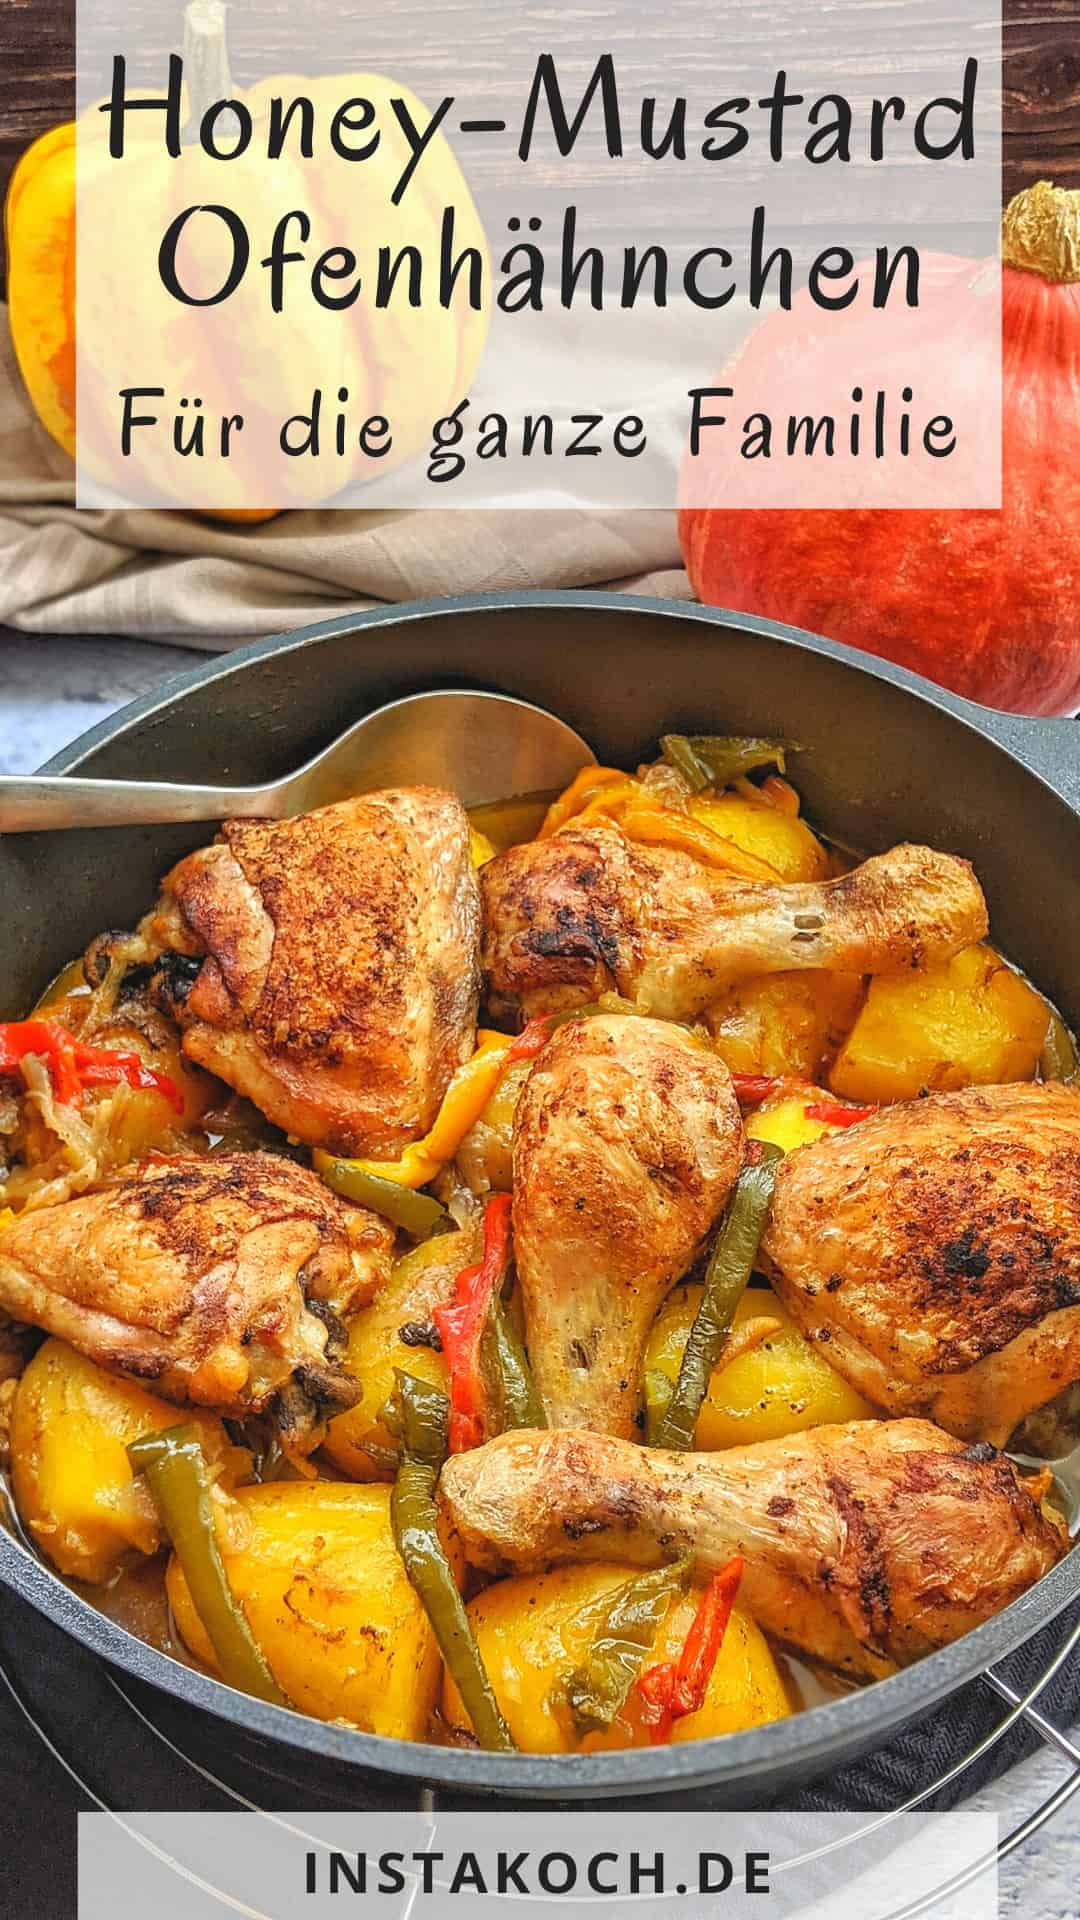 Ofen-Hähnchen mit Kartoffeln und Gemüse in einer Pfanne. Dahinter Deko.